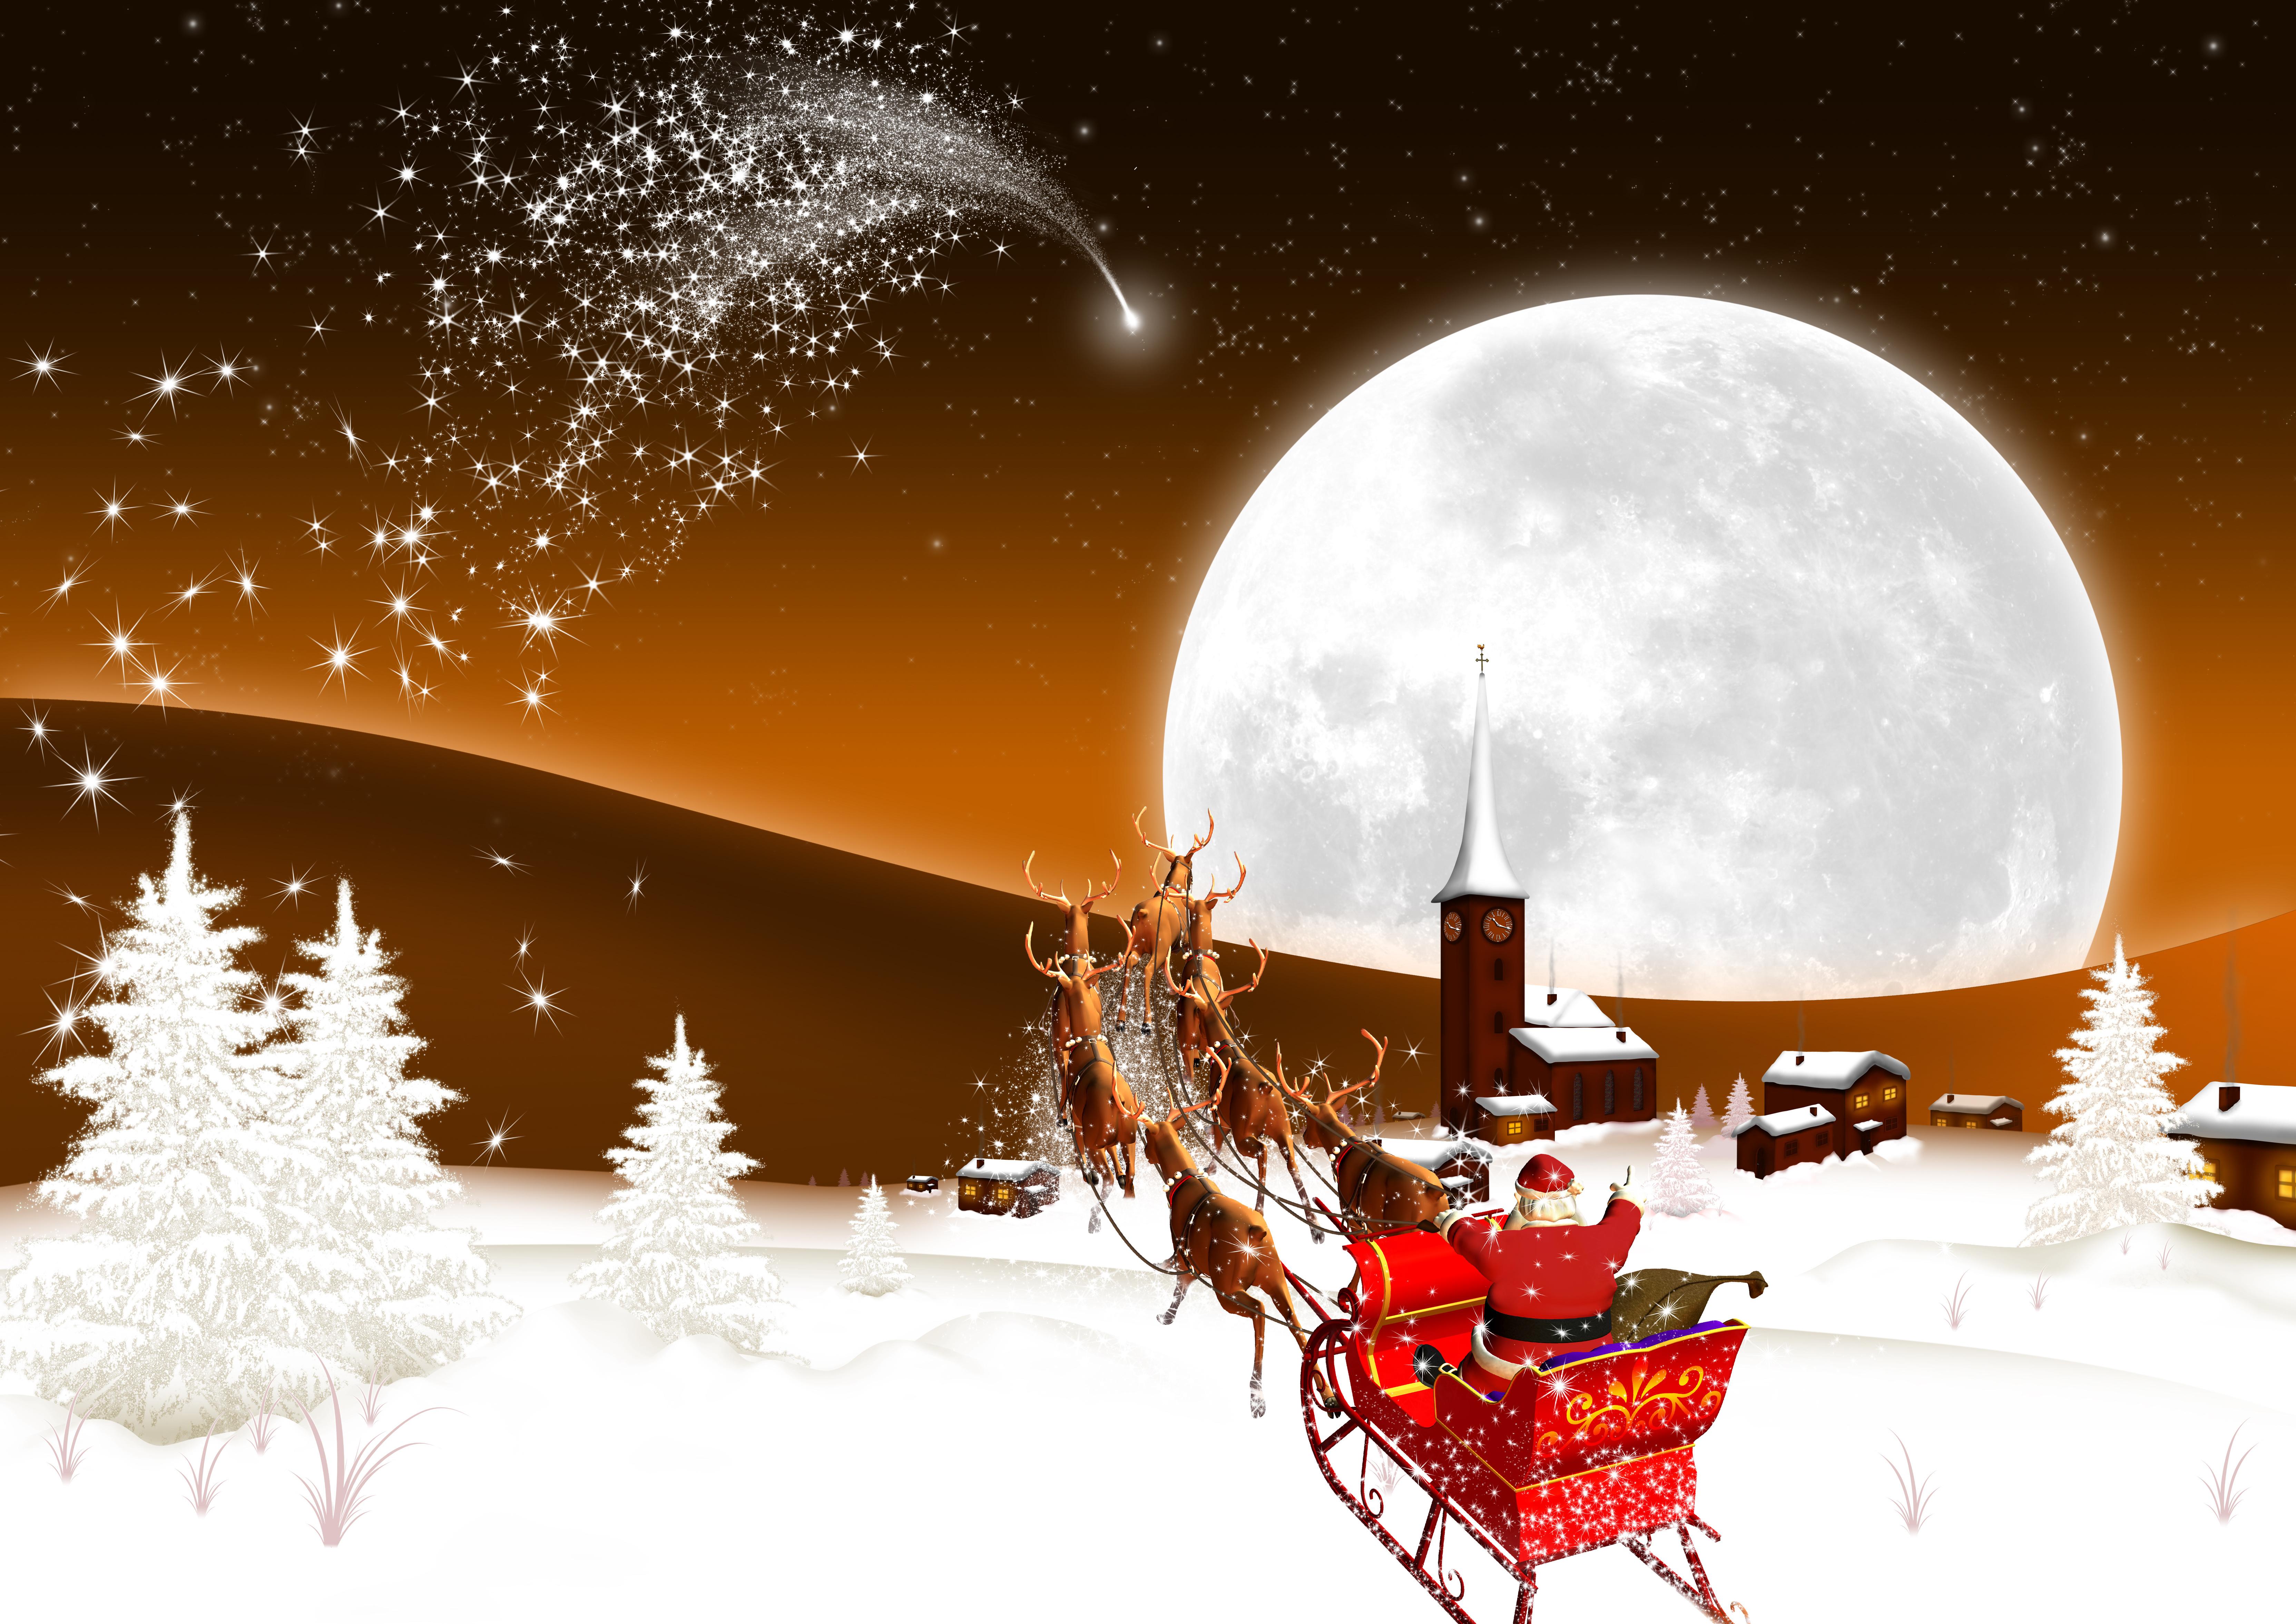 рождество новый год Christmas new year  № 2656626 бесплатно